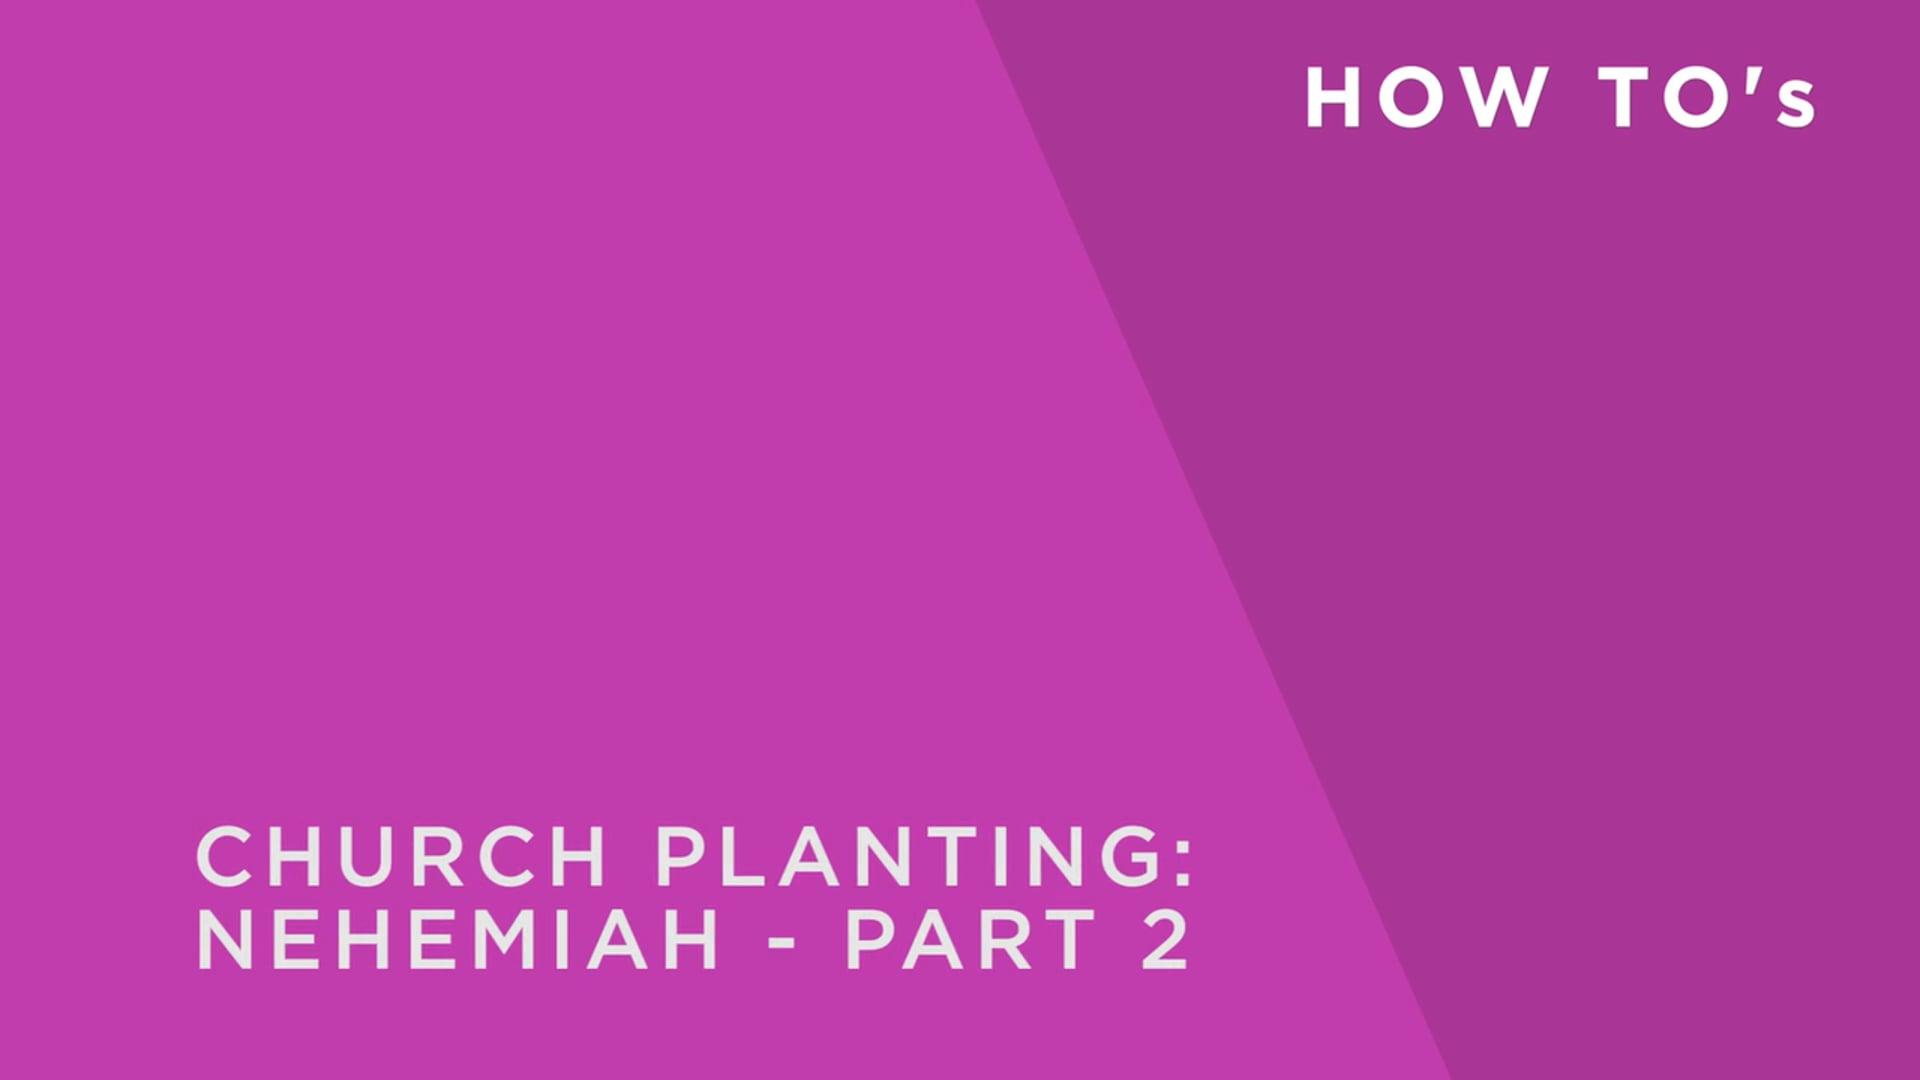 Church Planting: Nehemiah 2